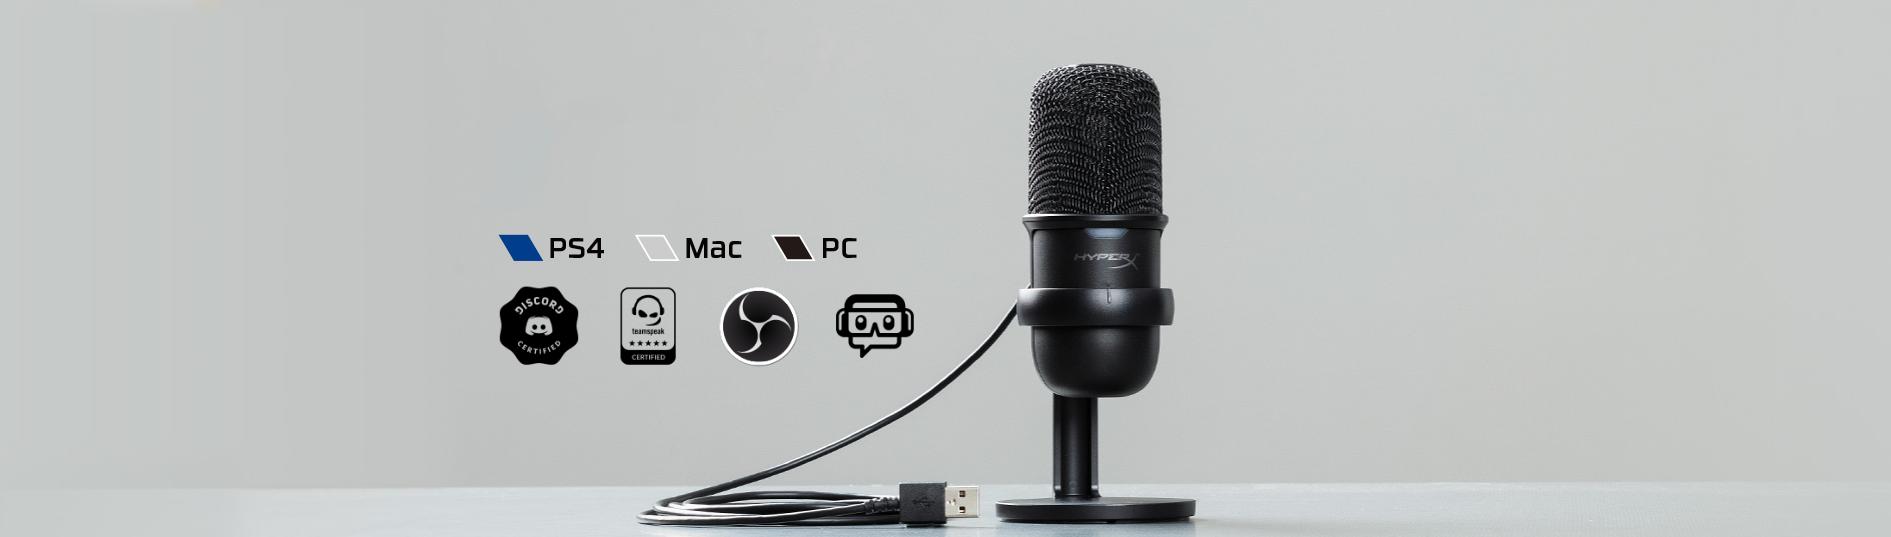 Microphone Kingston HyperX Solocast - Standalone Microphone HMIS1X-XX-BK/G có thể tương thích với nhiều thiết bị